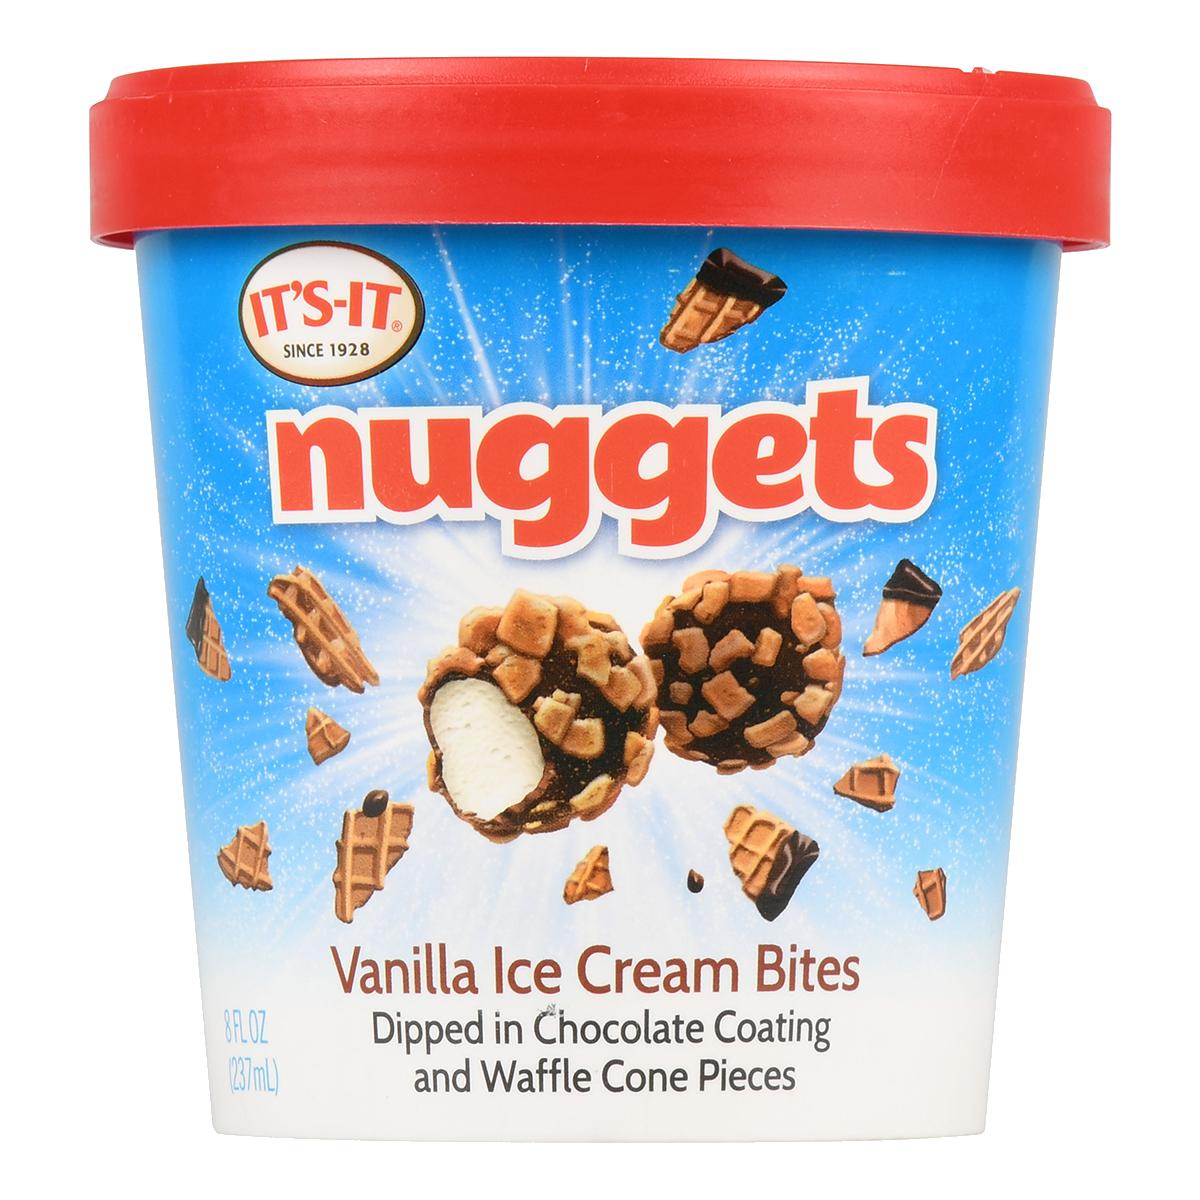 It's-It Nuggets